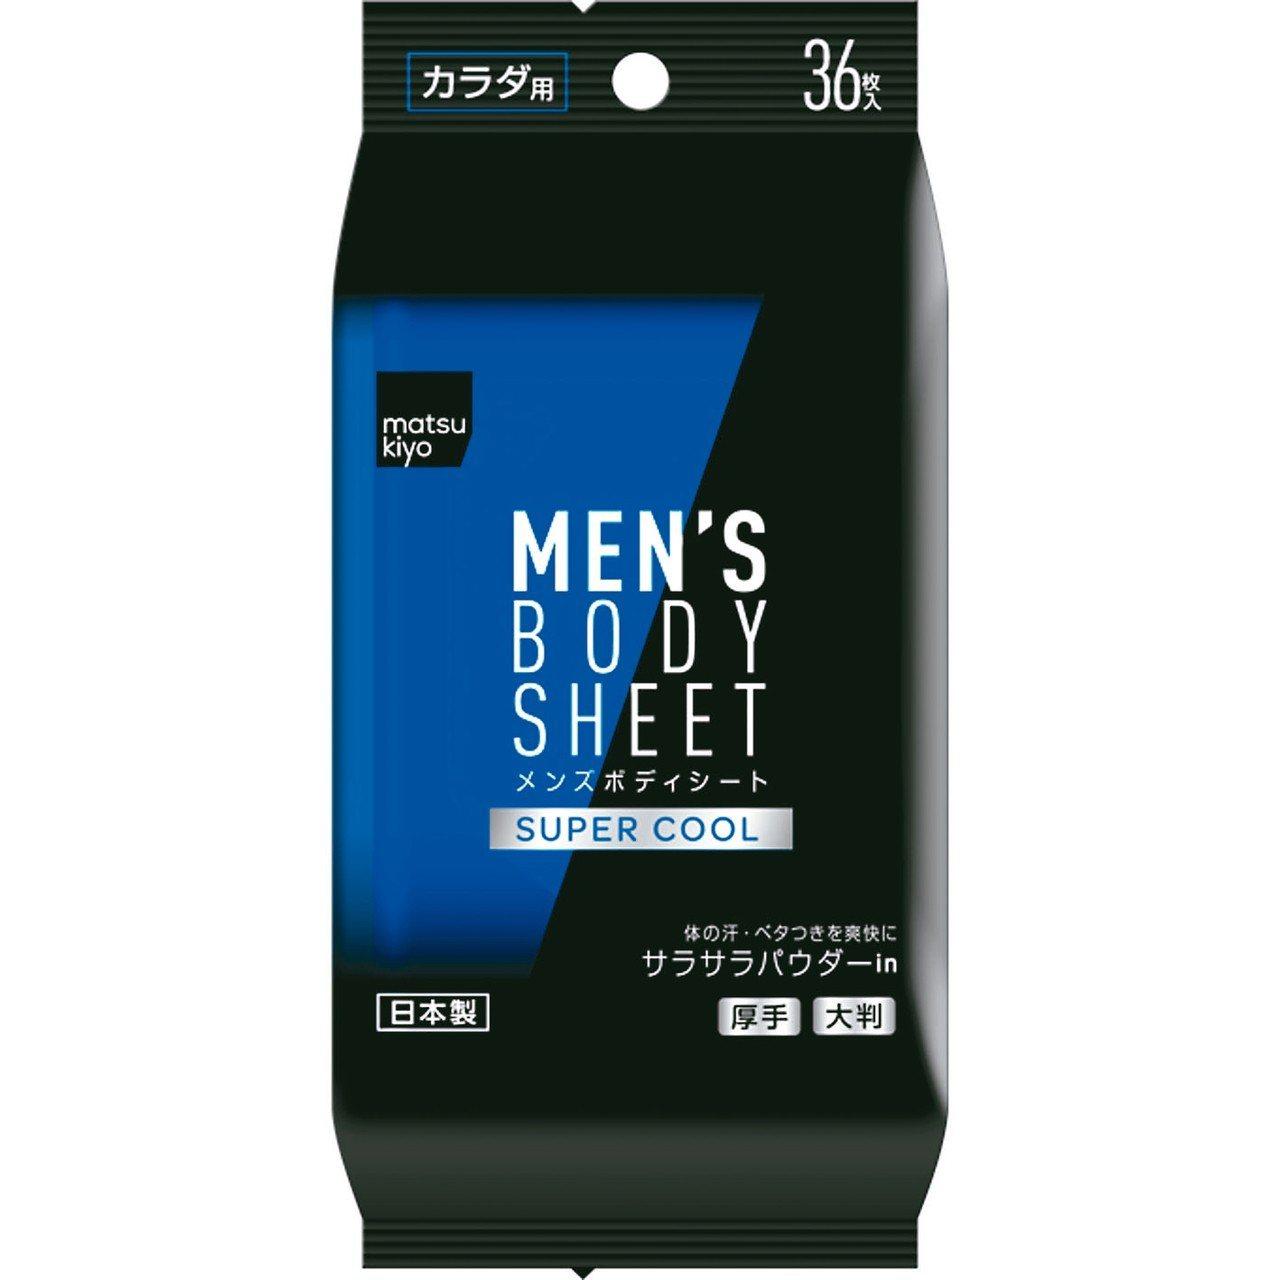 台灣松本清獨賣的matsukiyo都會生活購系列男士身體濕巾-激凍型,36張入售...